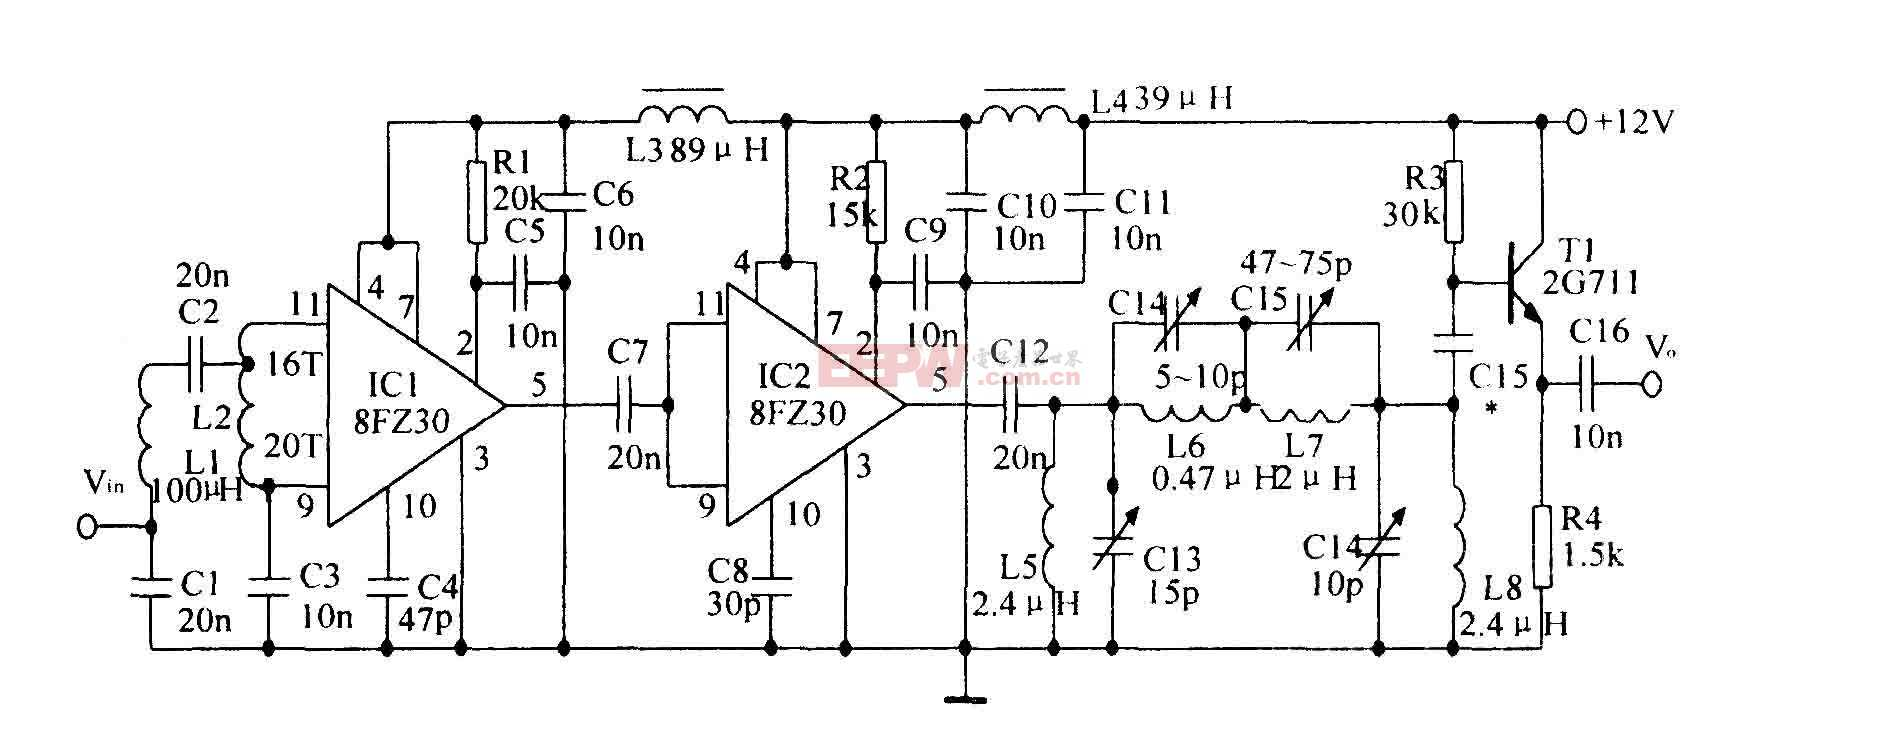 噪聲射頻一中頻放大電路圖